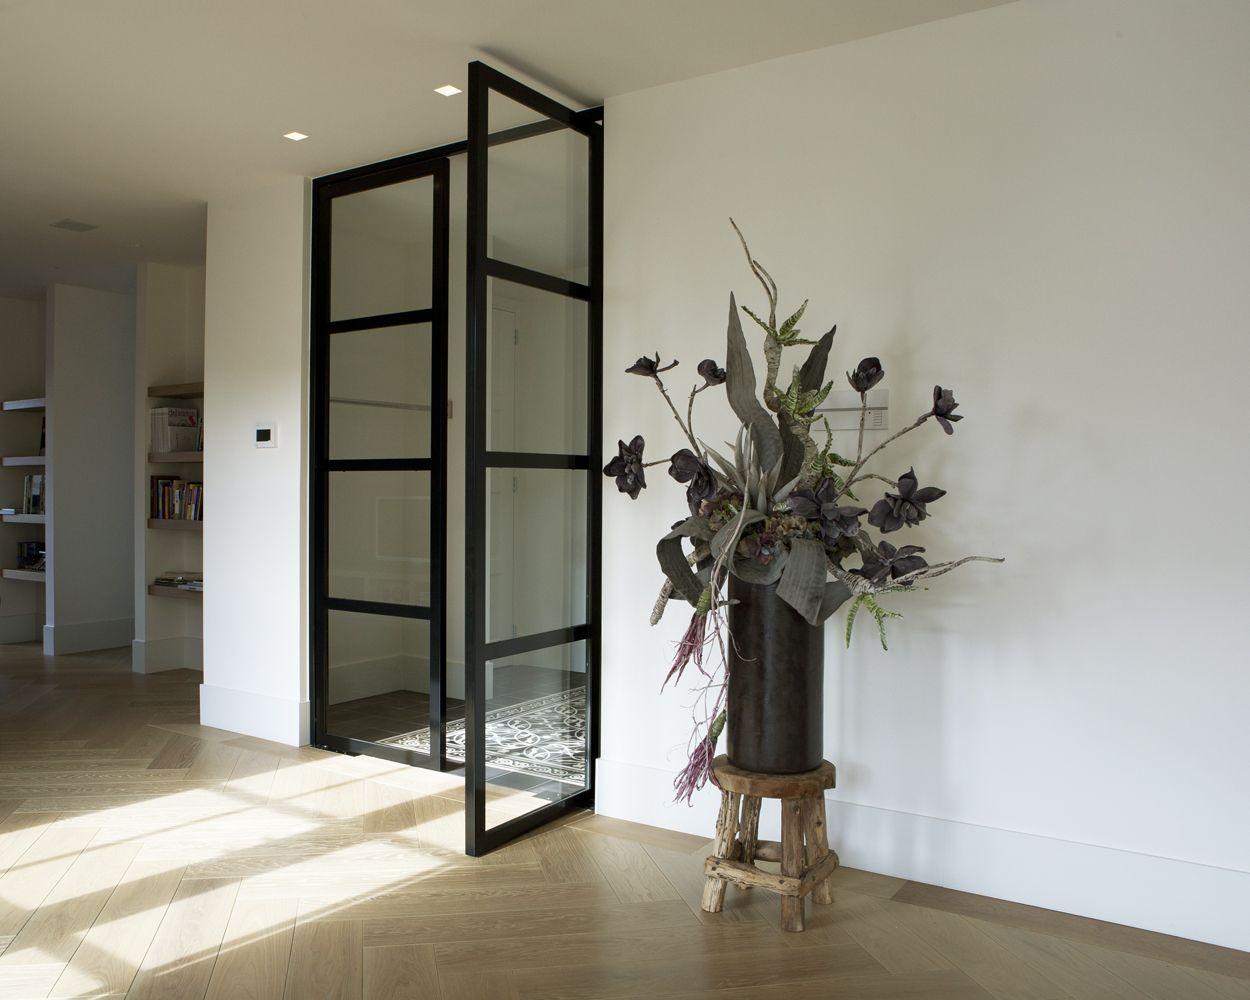 Populair Dubbele taatsdeur met glas G. de Rooy Metaaldesign | Home Ideas in #FM82